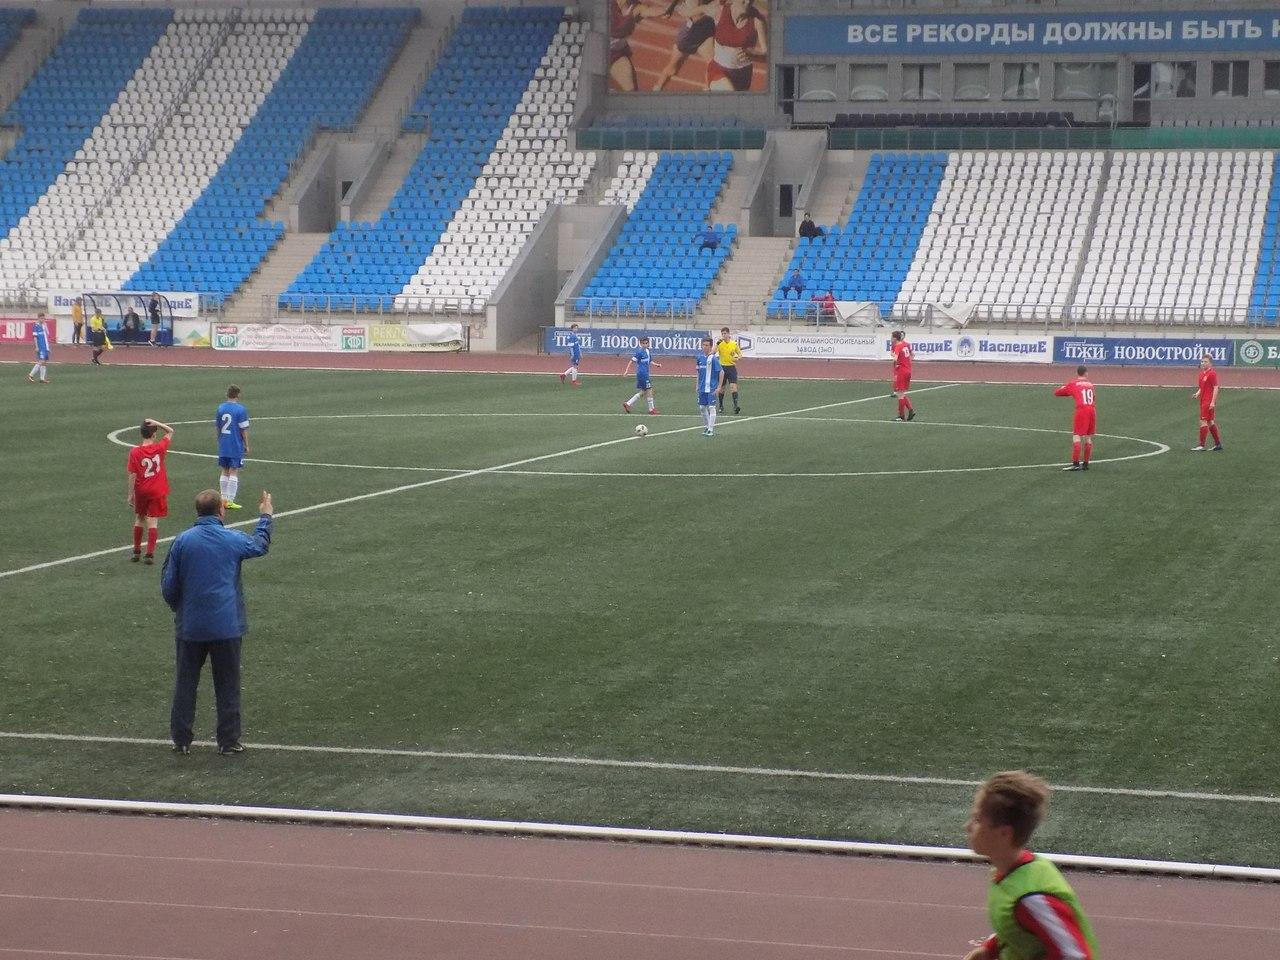 Команды СШ «Витязь» 2002 и 2004 г.р. в 16 туре Первенства России одержали две победы